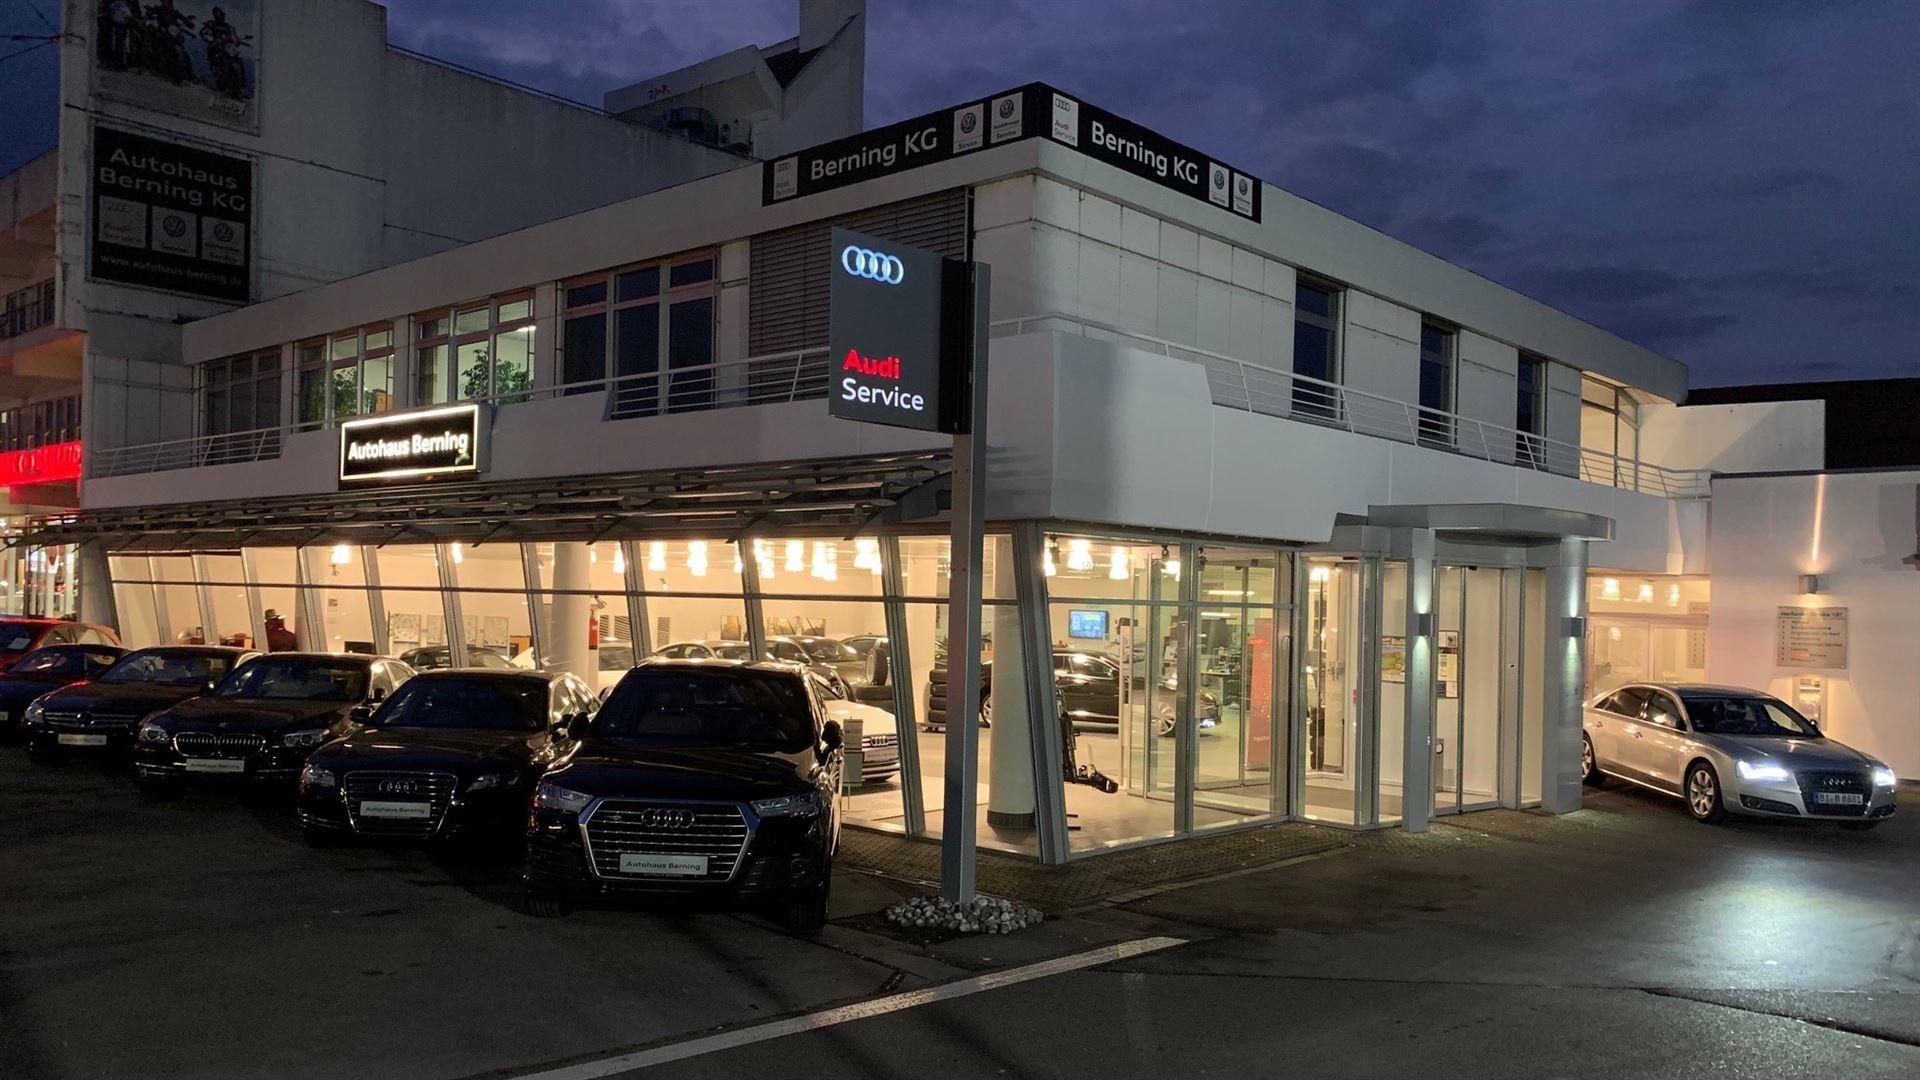 Herzlich Willkommen! - Autohaus Berning KG